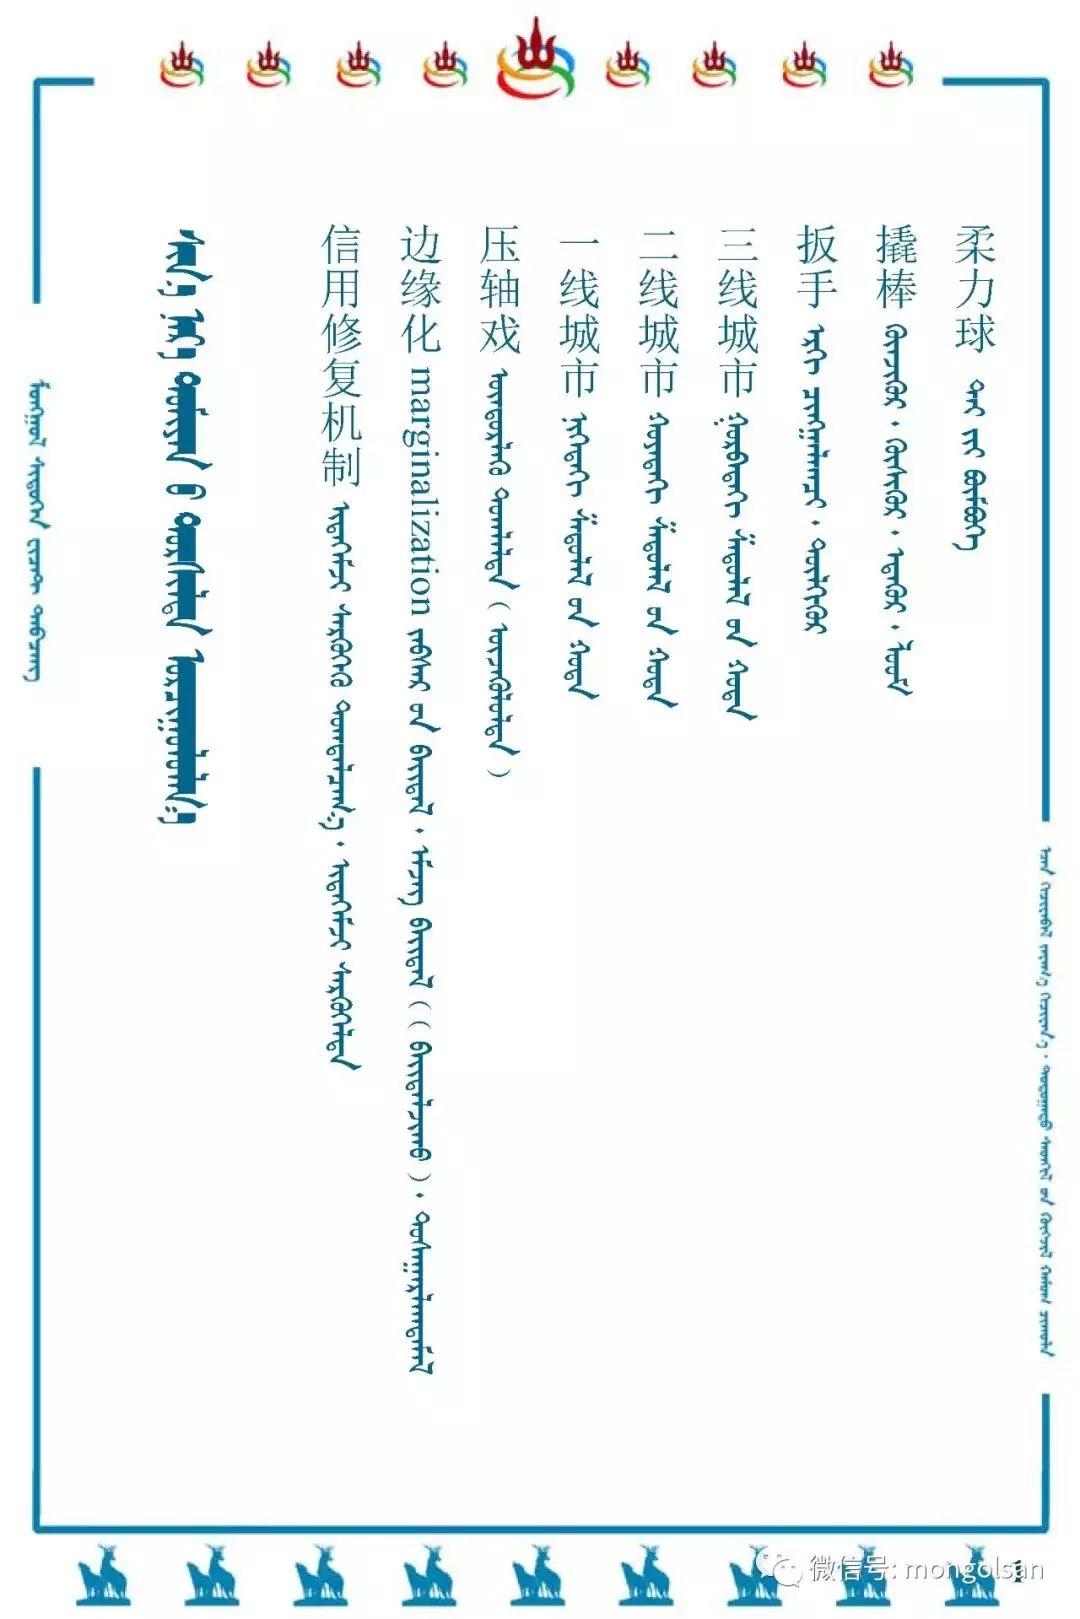 最新名词蒙古语翻译参考 第1张